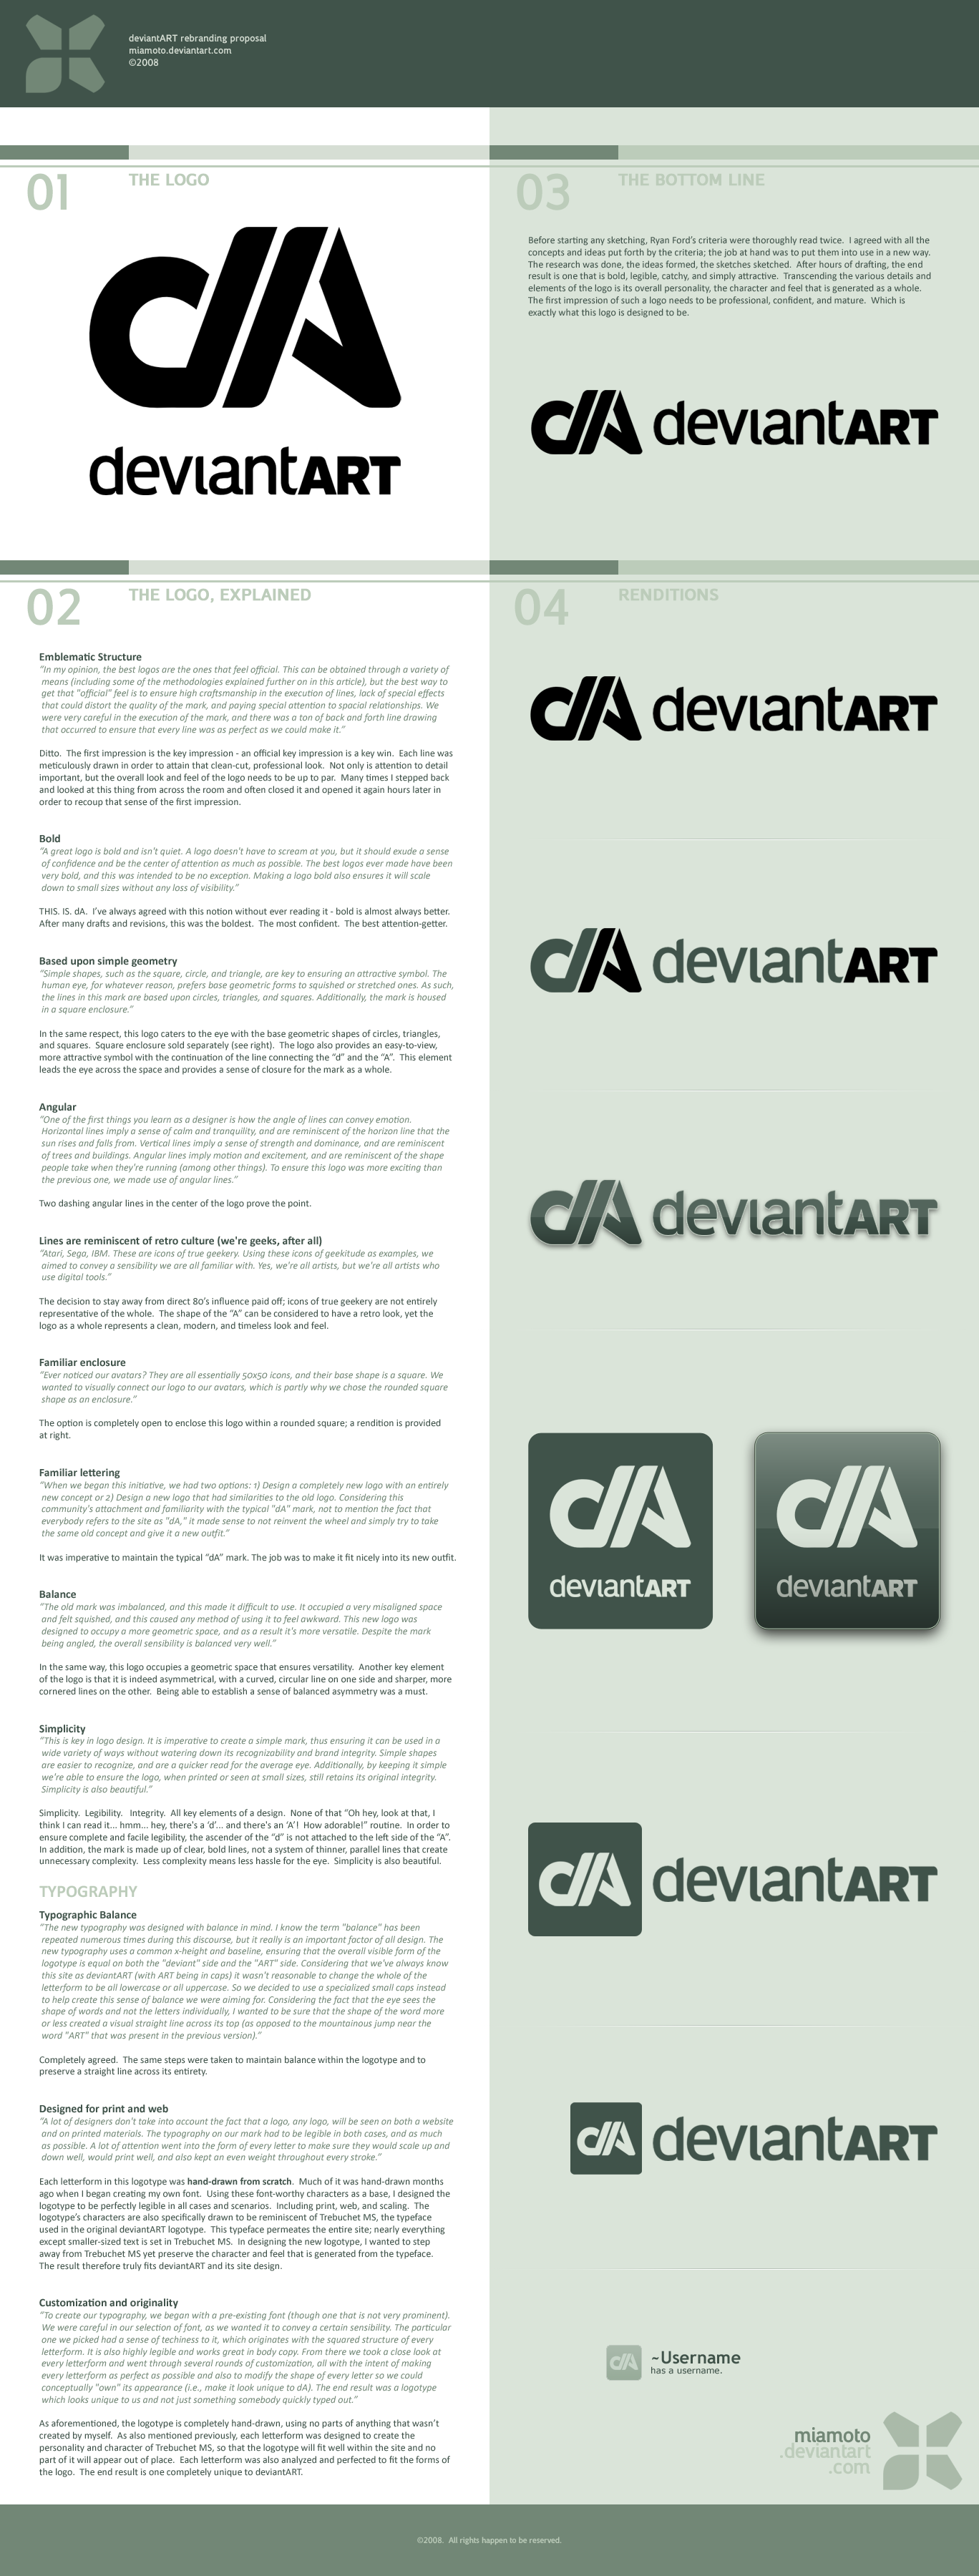 deviantART Logo Proposal by Miamoto